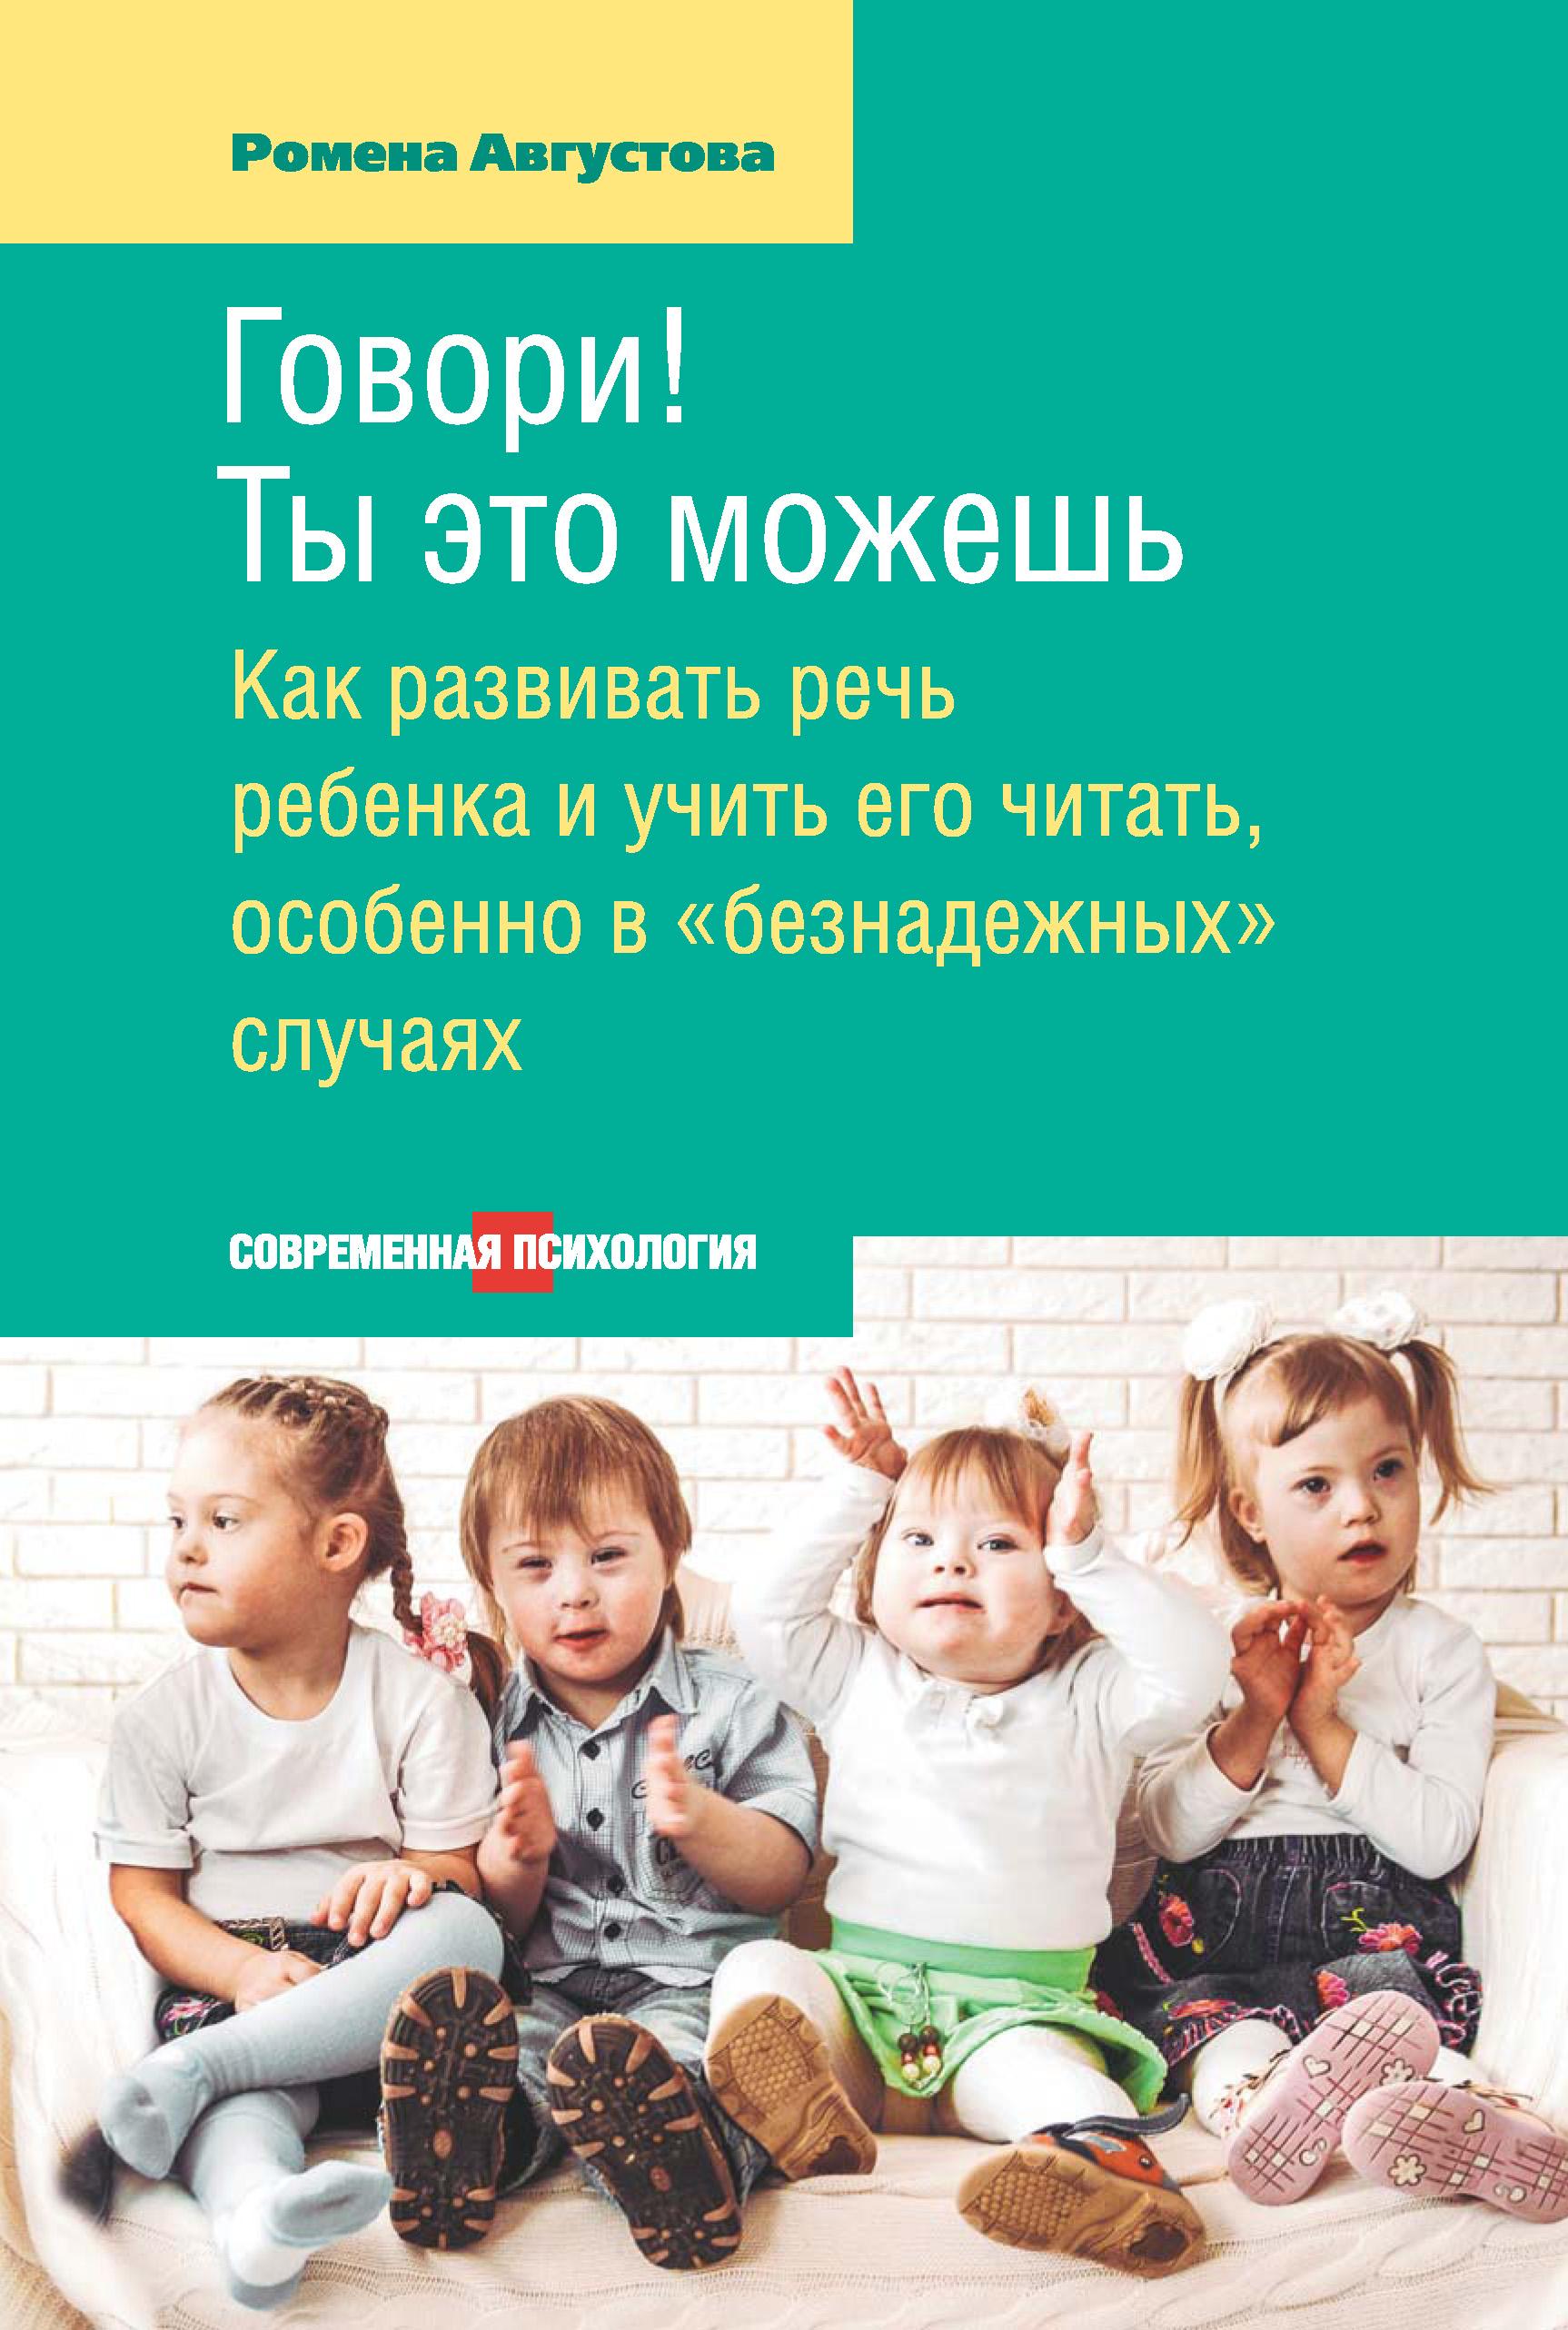 Ромена Августова Говори! Ты это можешь. Как развивать речь ребенка и учить его читать, особенно в «безнадежных» случаях